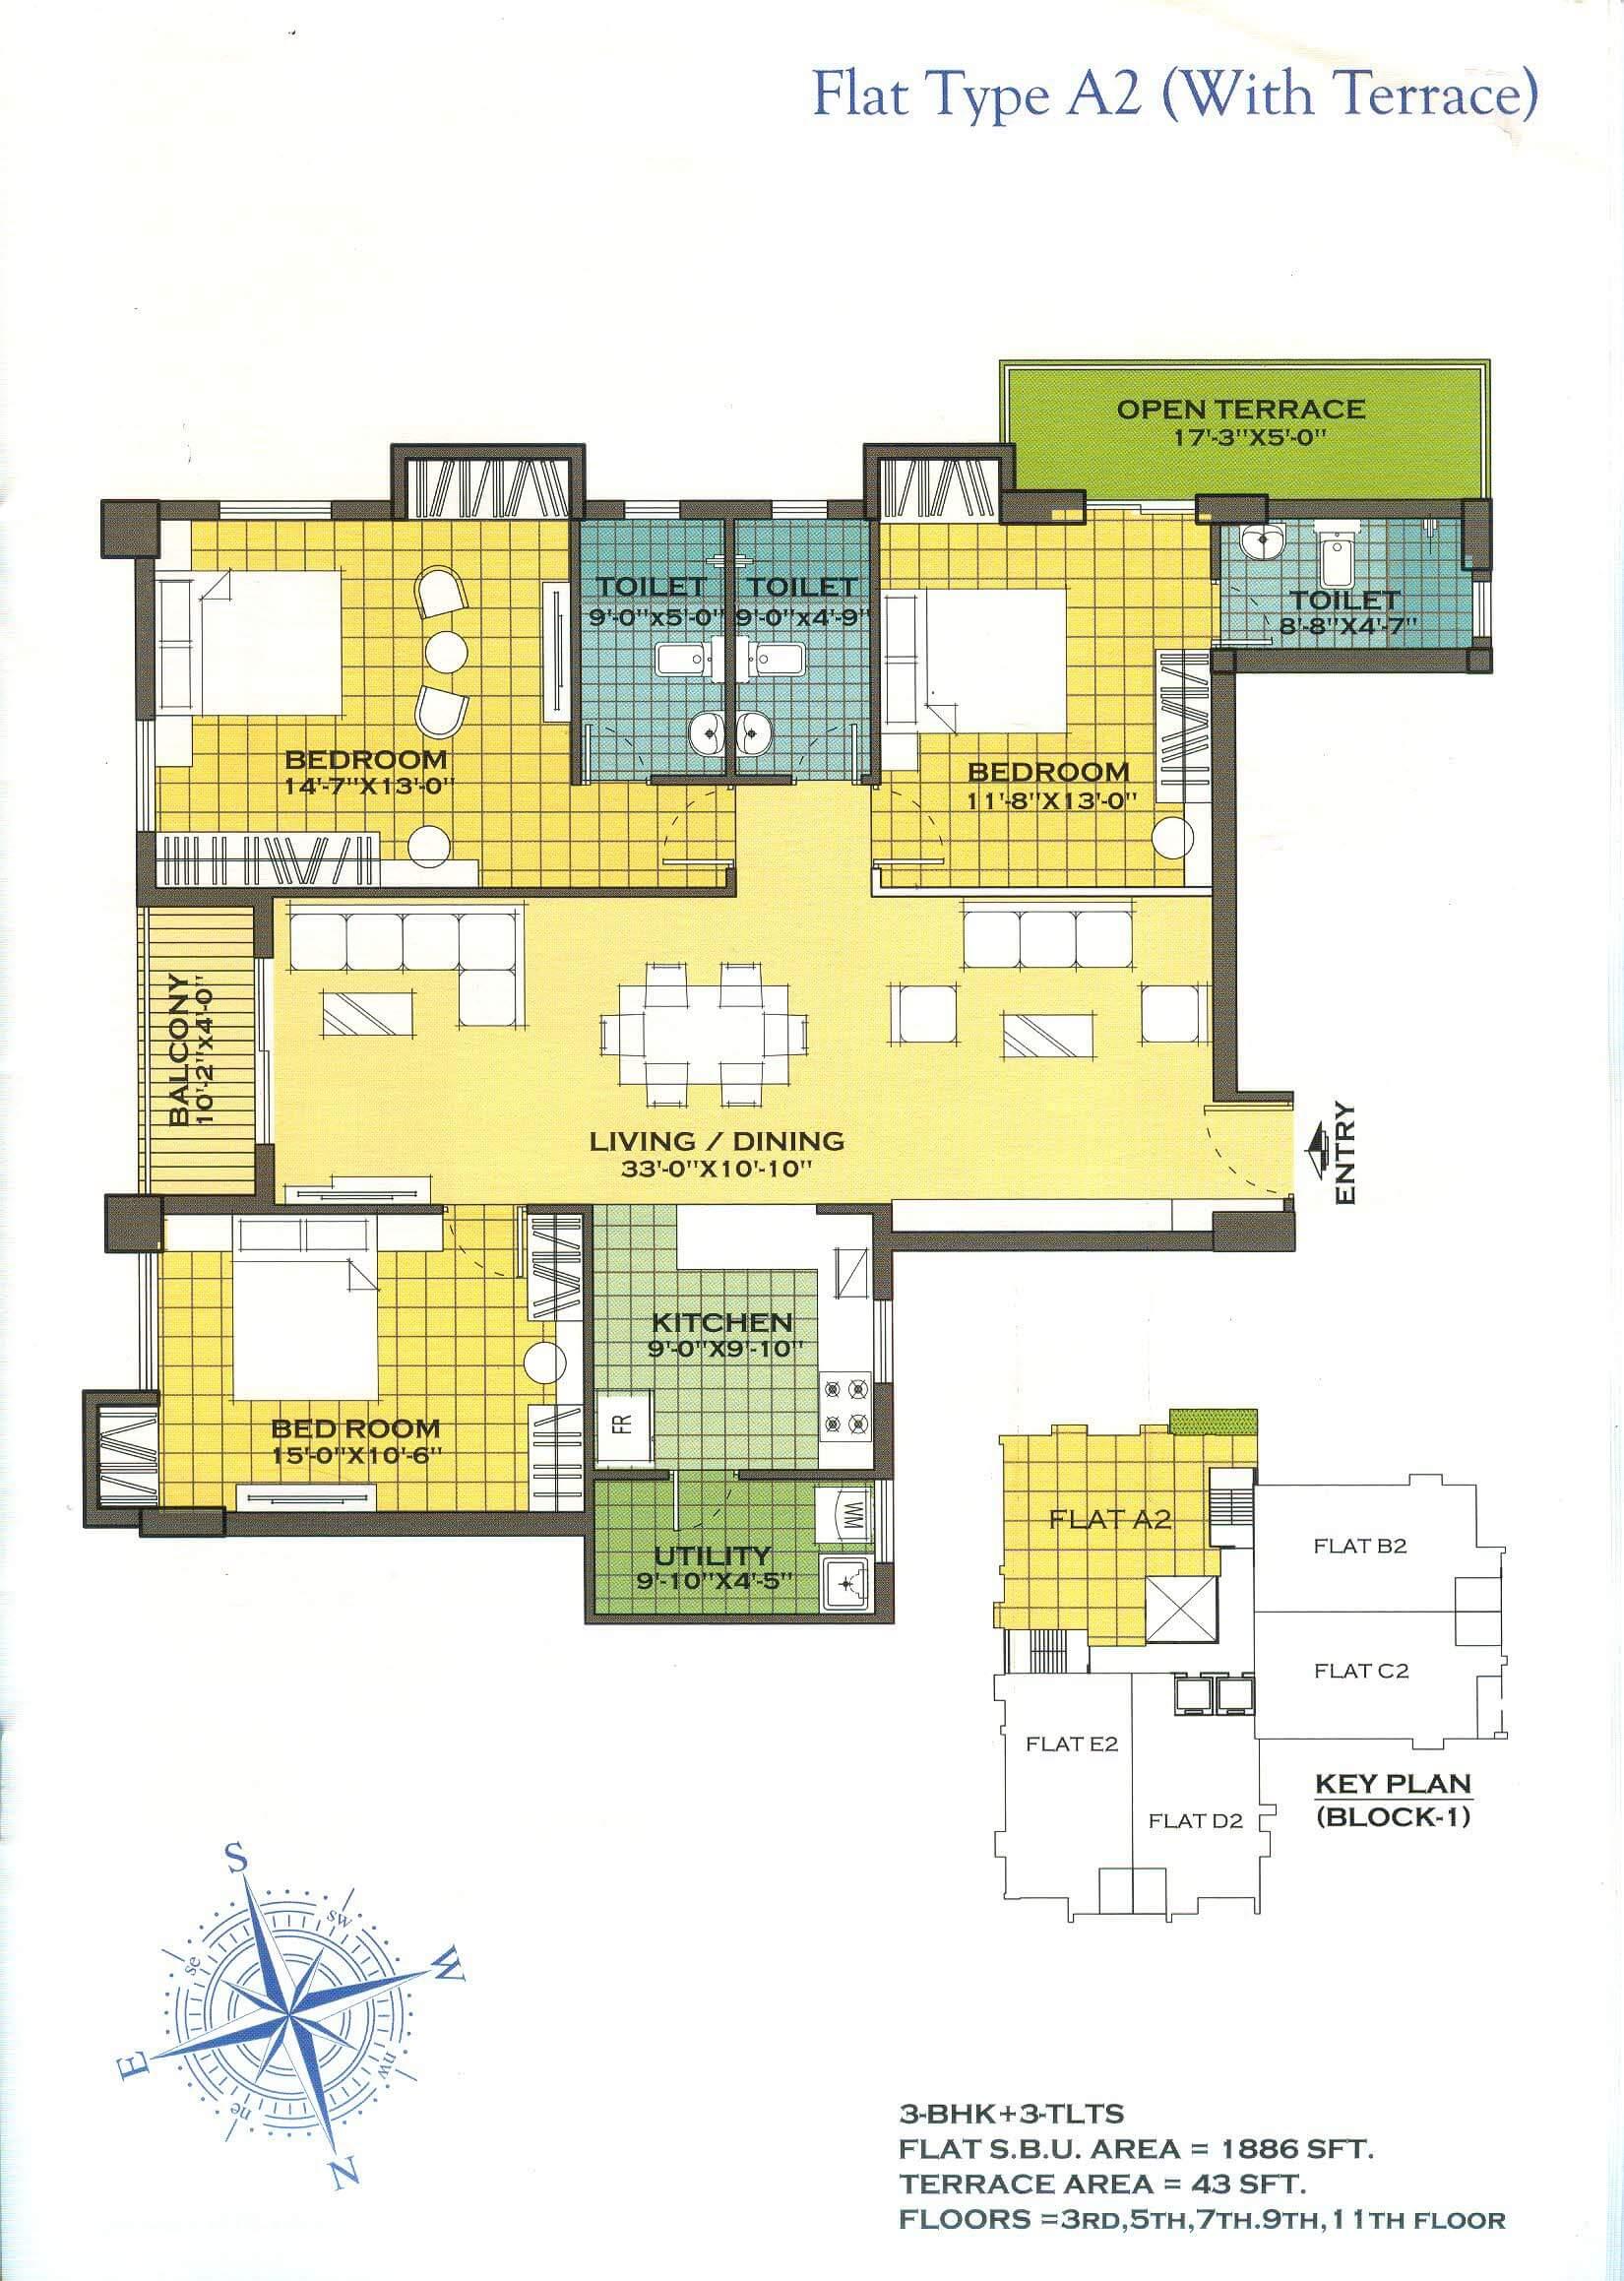 merlin regalia apartment 3bhk terrace 1886sqft 1